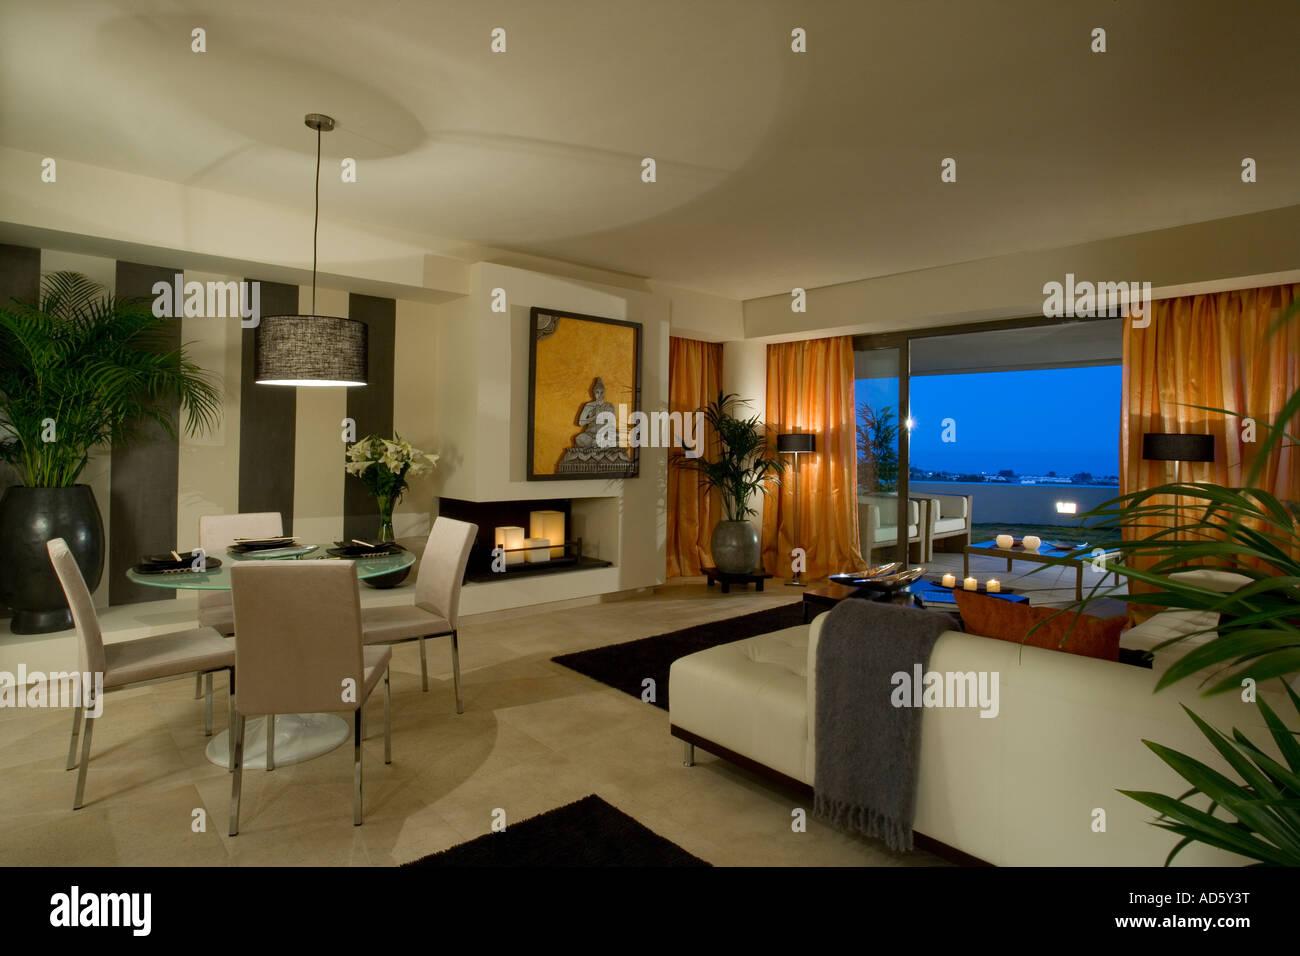 Schon Große Offene Wohn  / Esszimmer Mit Blick Auf Balkon In Der Nacht Durch  Offenen Terrassentüren In Modernen Spanischen Wohnung